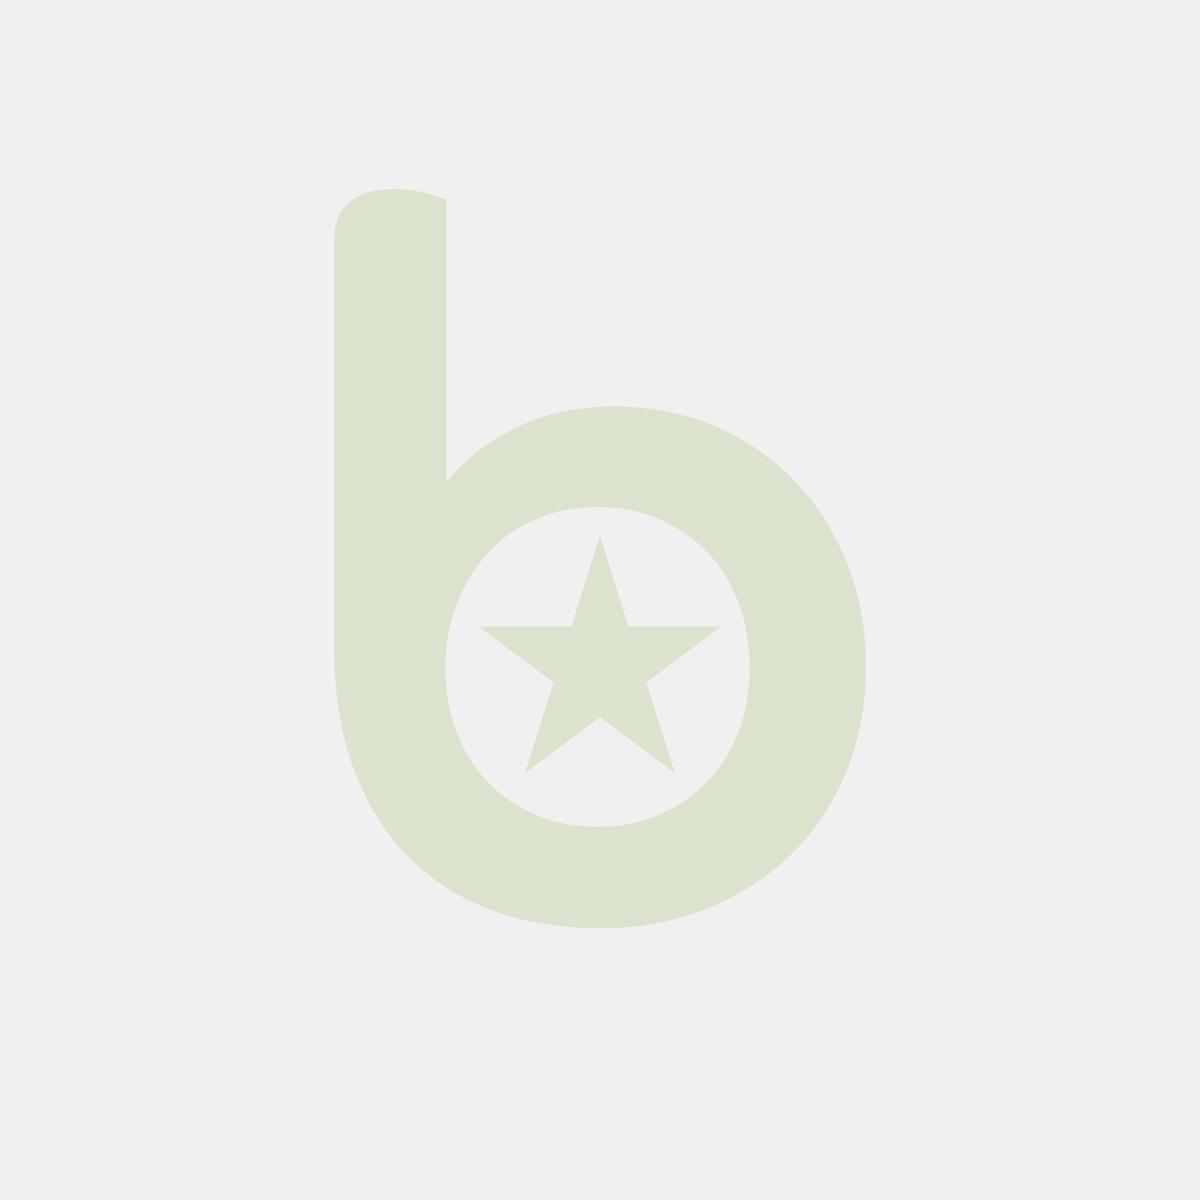 Wkład Express 75 do długopisu SCHNEIDER, B, format A2, niebieski